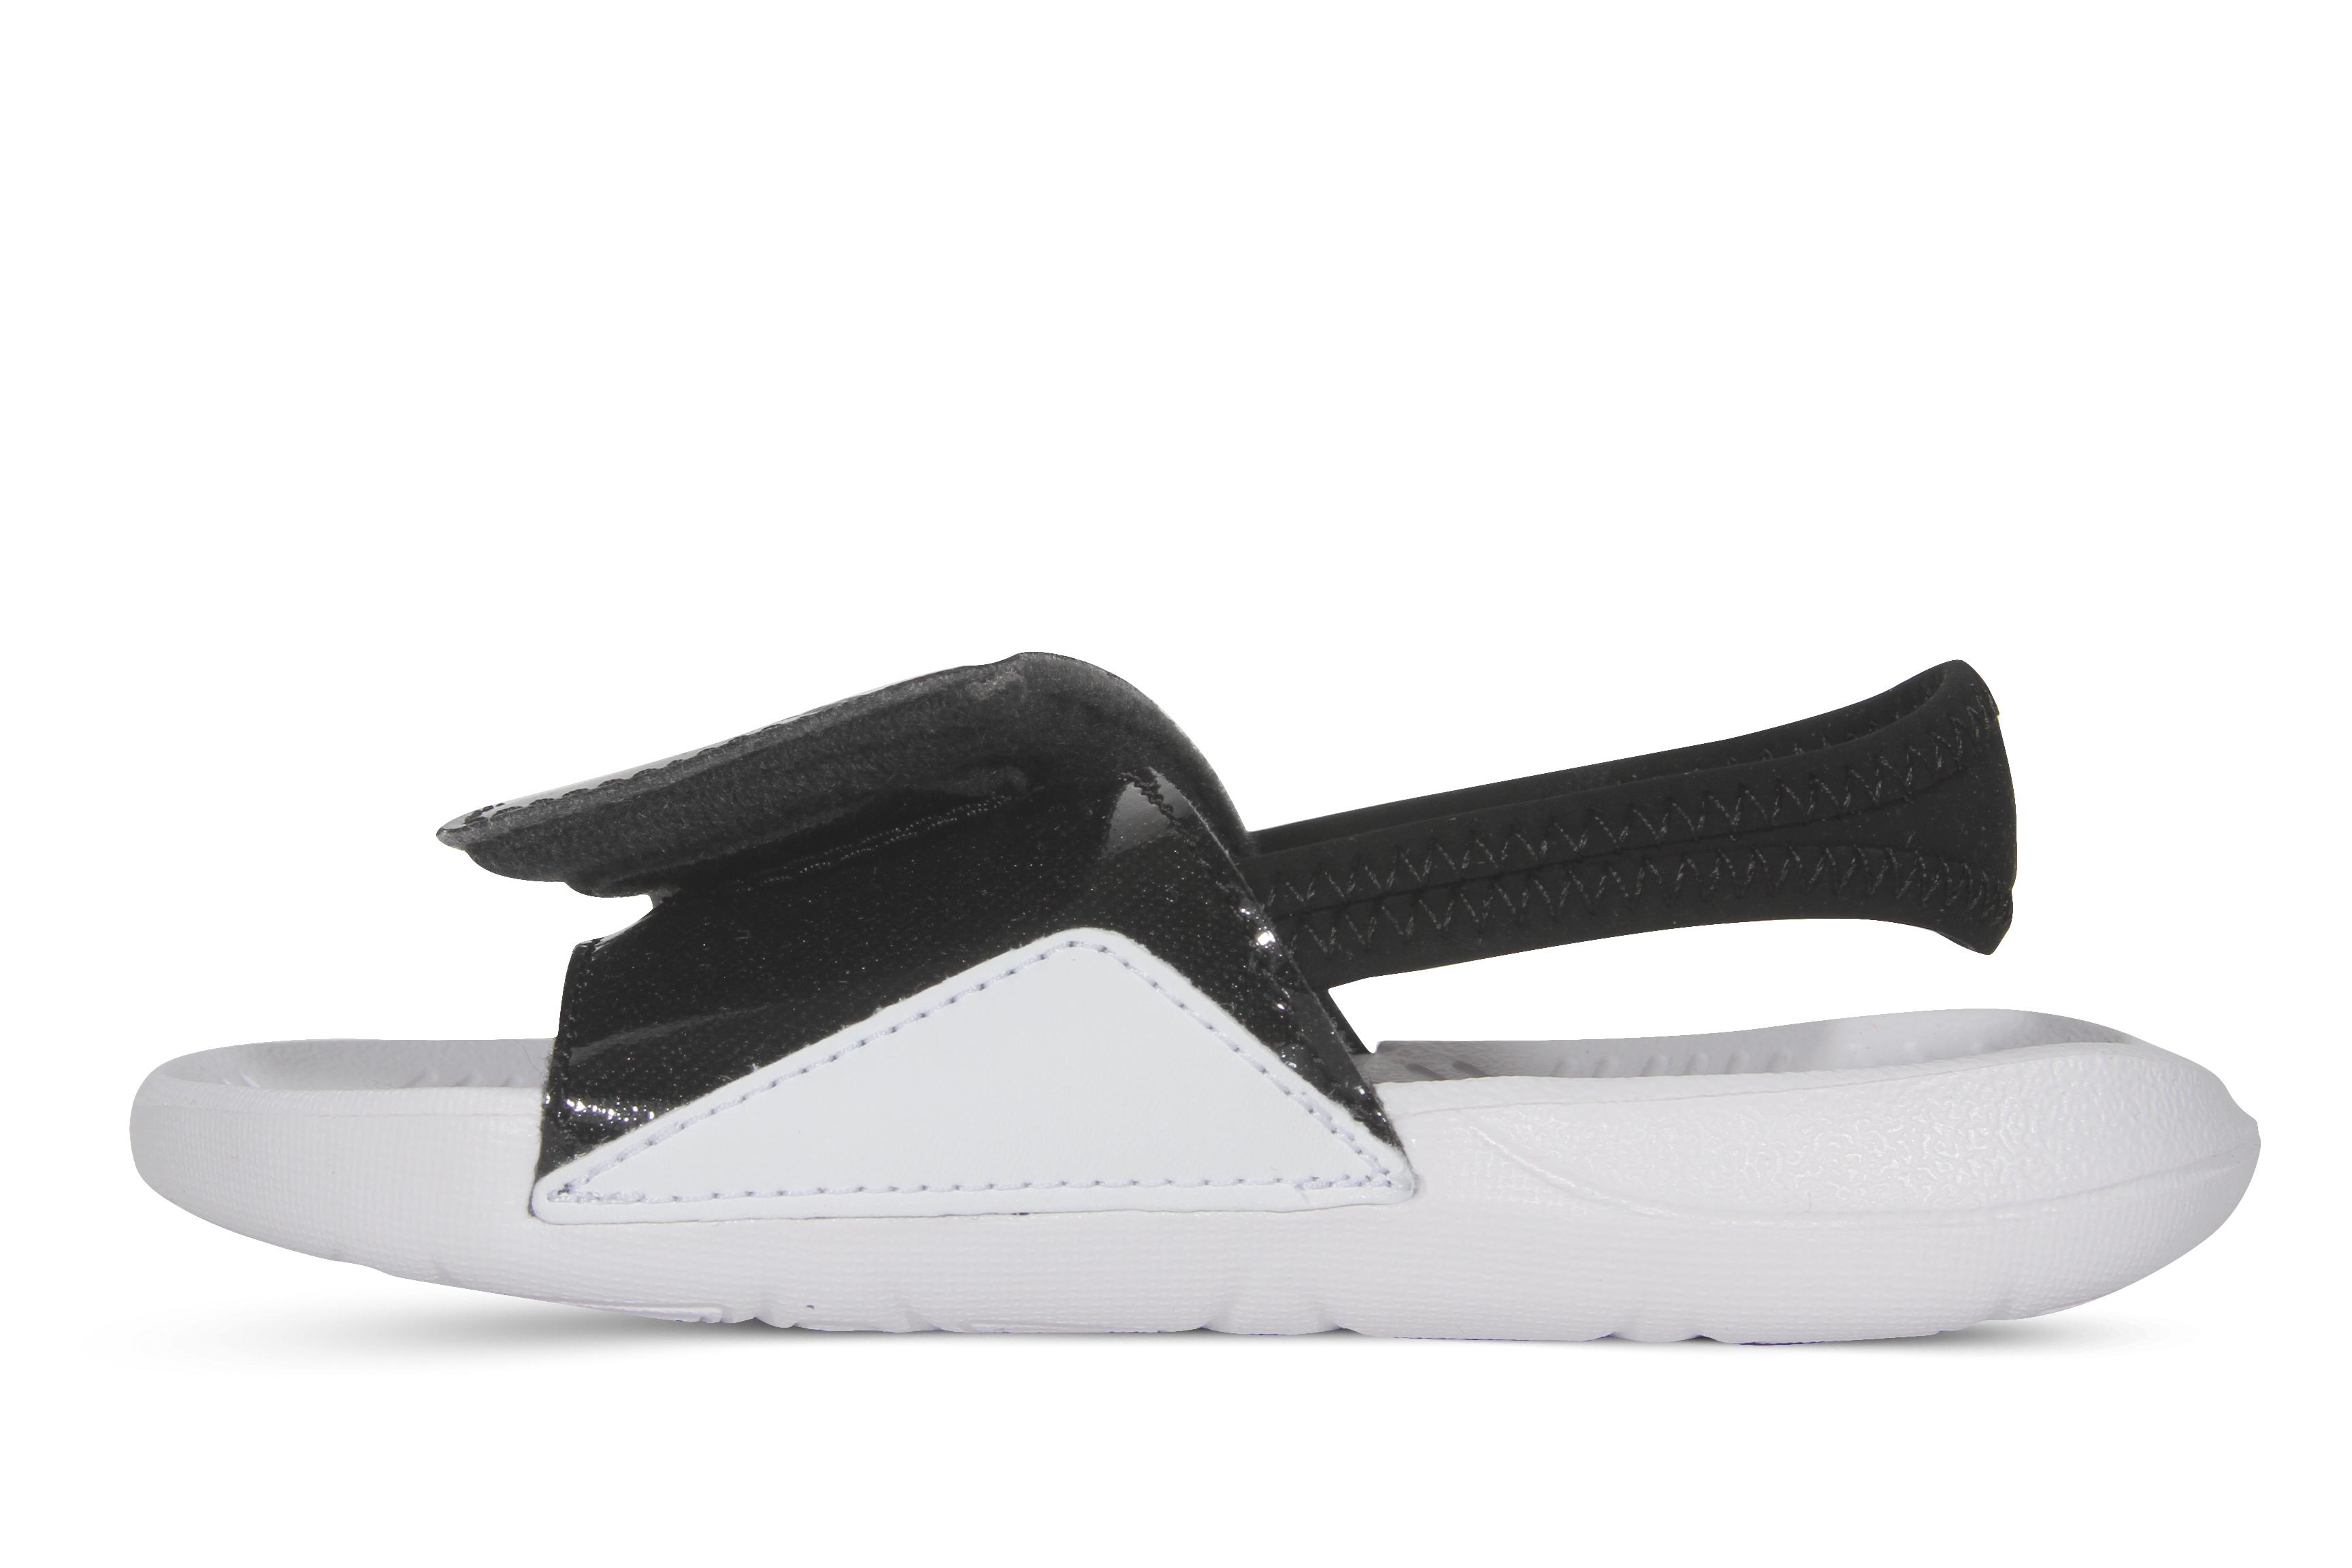 39ab8f174a13fc Description. Description. Jordan Hydro 7 (TD) Slide Boys  Toddler Shoes  AA2519-021